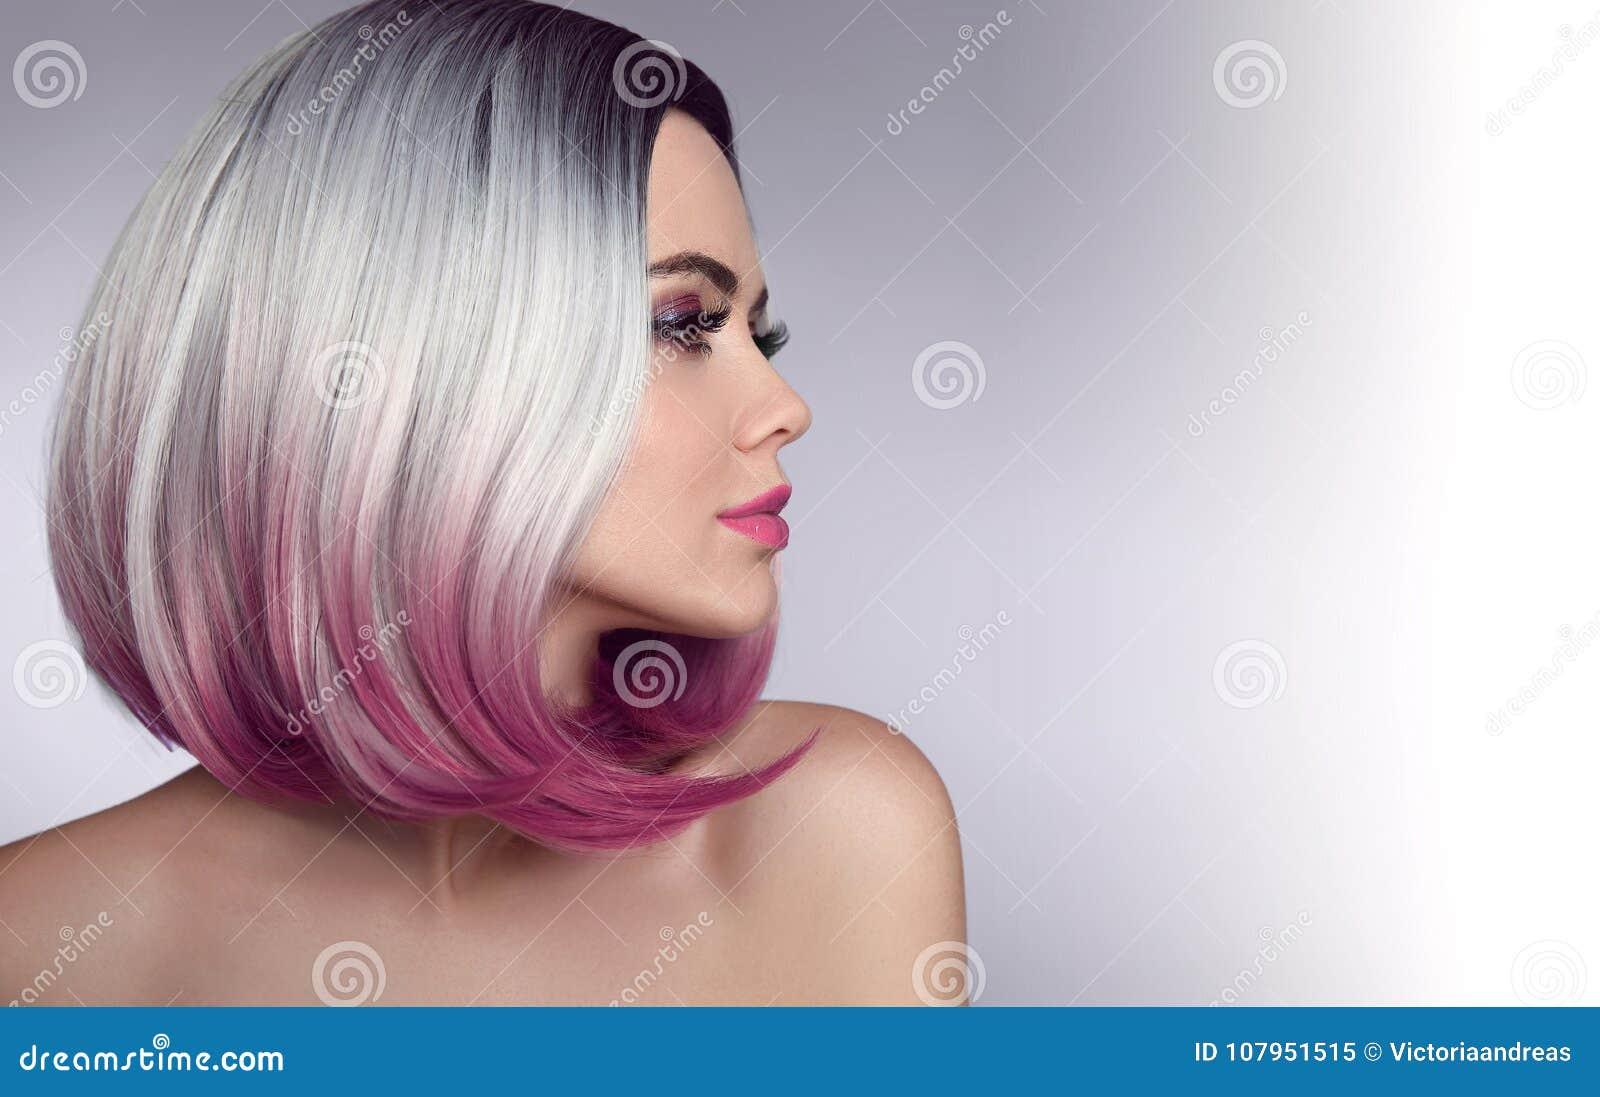 Acconciatura di short del peso di Ombre Bella donna di coloritura di capelli trendy